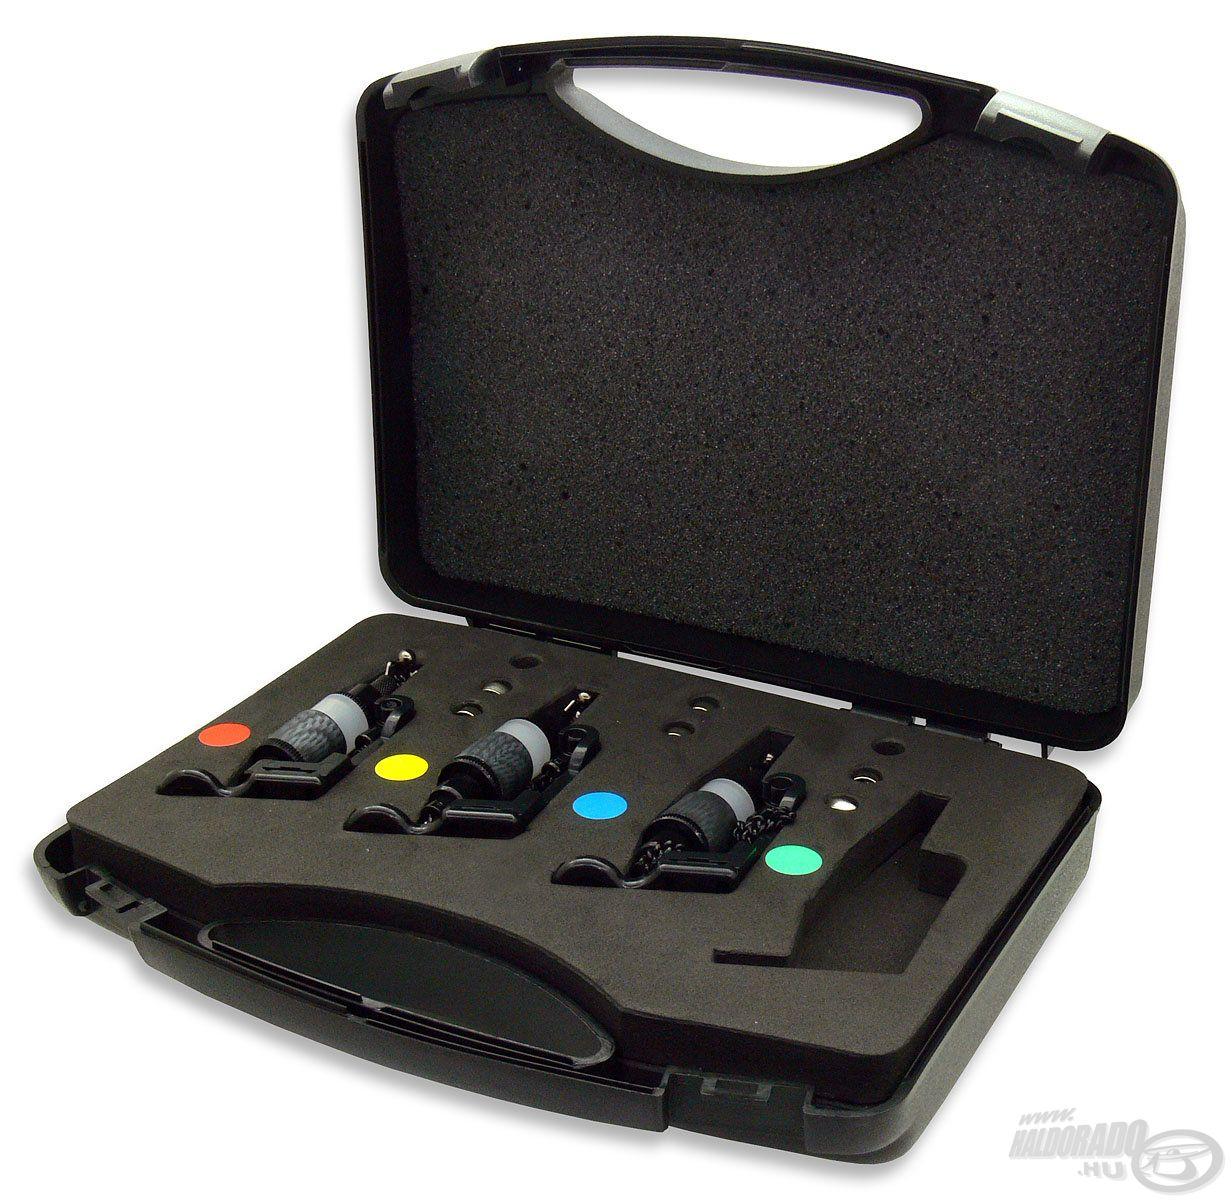 Három-, illetve négydarabos szettben is elérhető egy műanyag kofferbe csomagolva